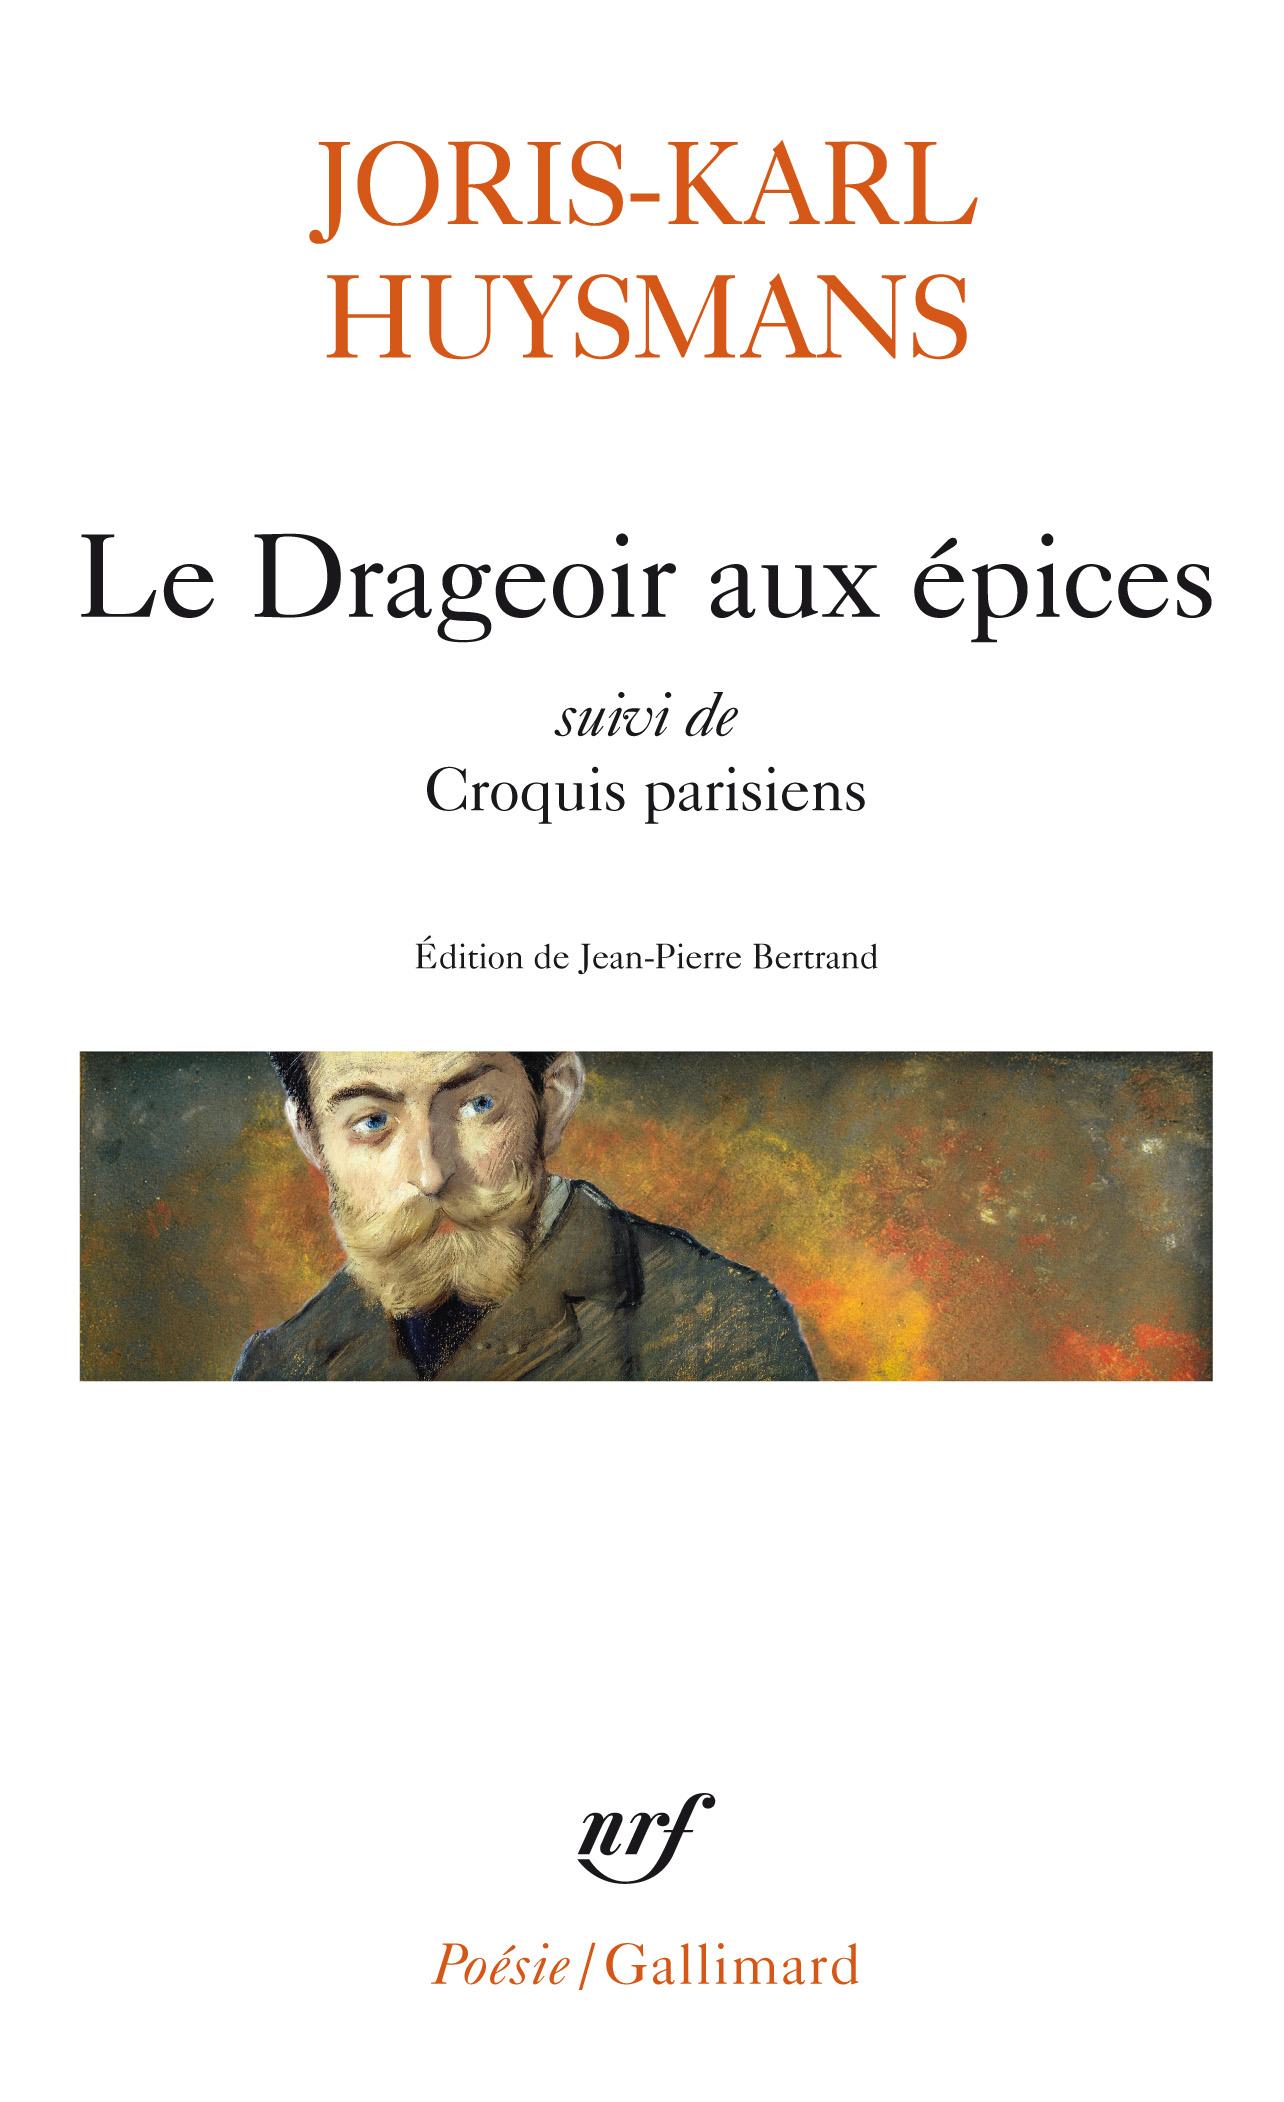 J.-K. Huysmans, Le Drageoir aux épices suivi de Croquis parisiens (éd. J.-P. Bertrand)